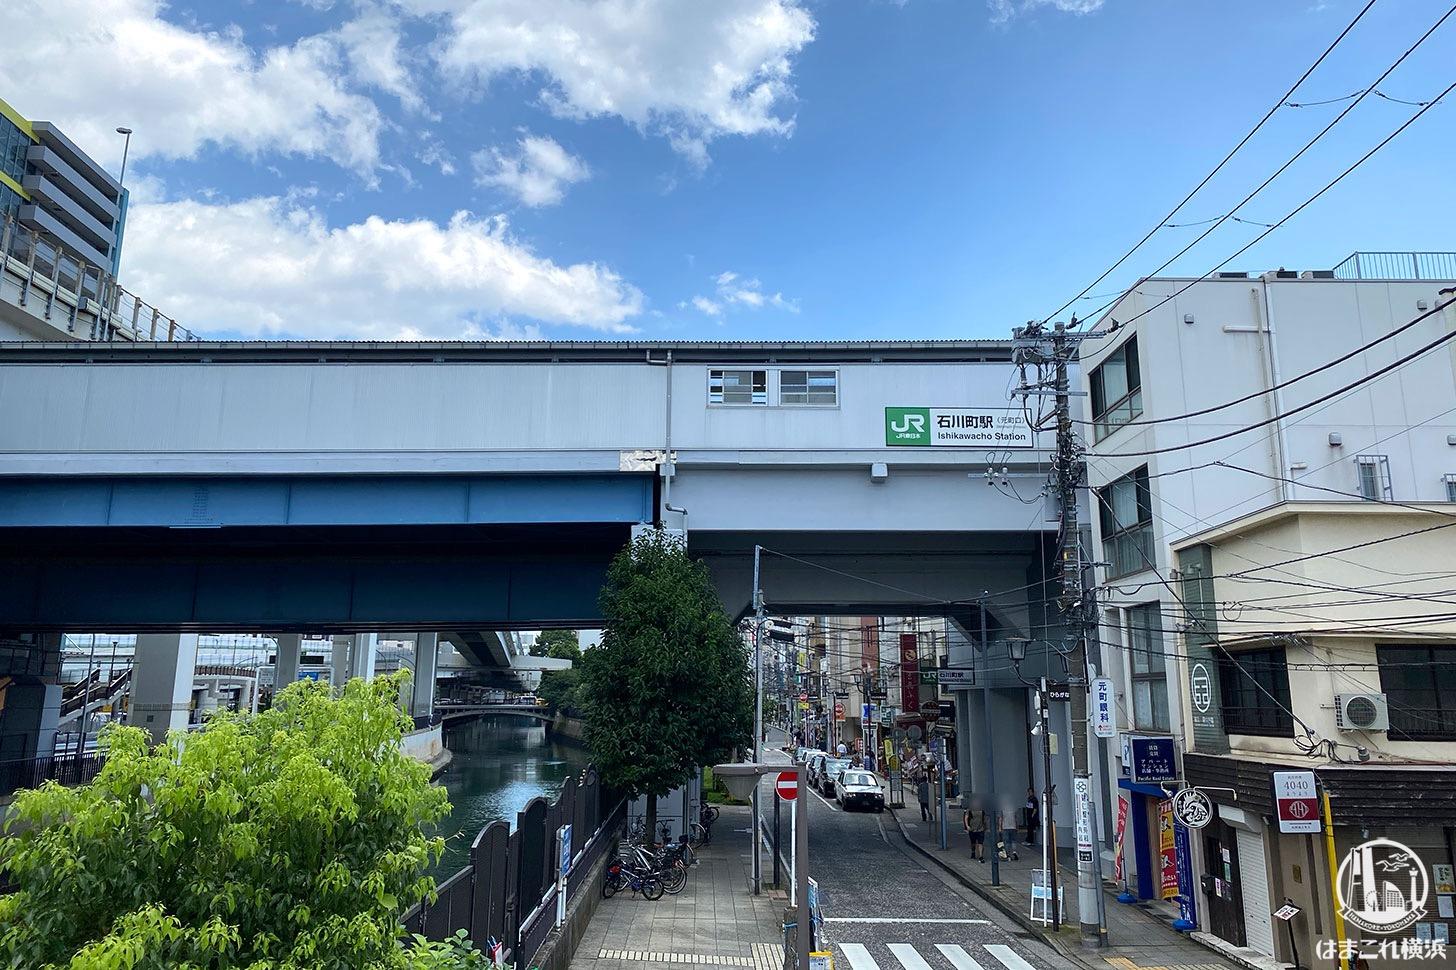 アド街ック天国「横浜石川町」に登場したグルメやスポットまとめ